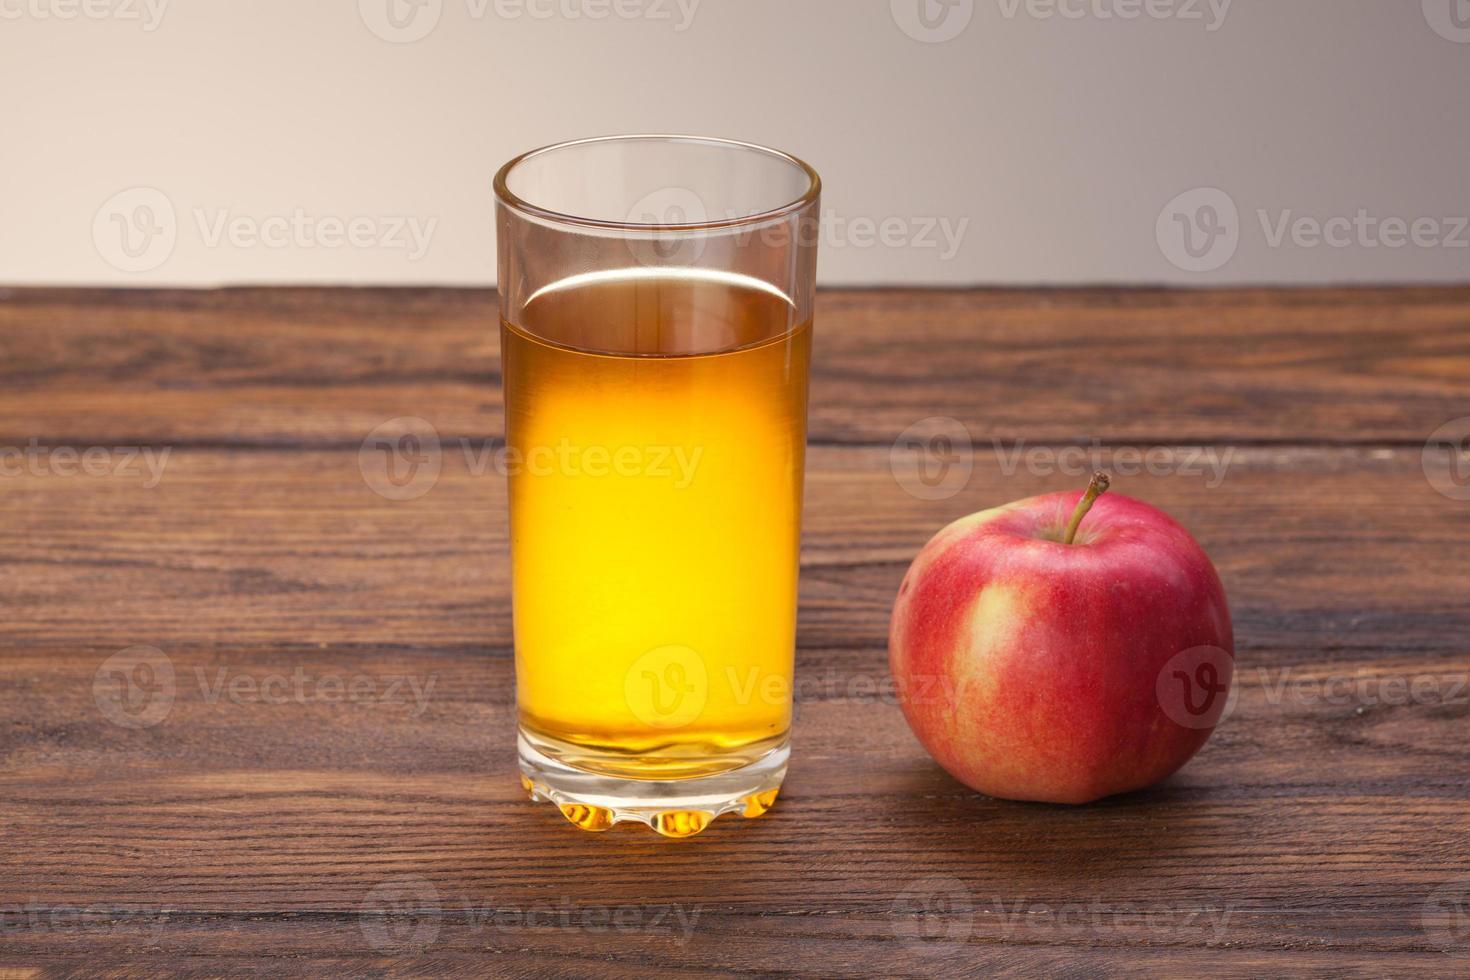 vaso de jugo de manzana y manzana roja sobre madera foto